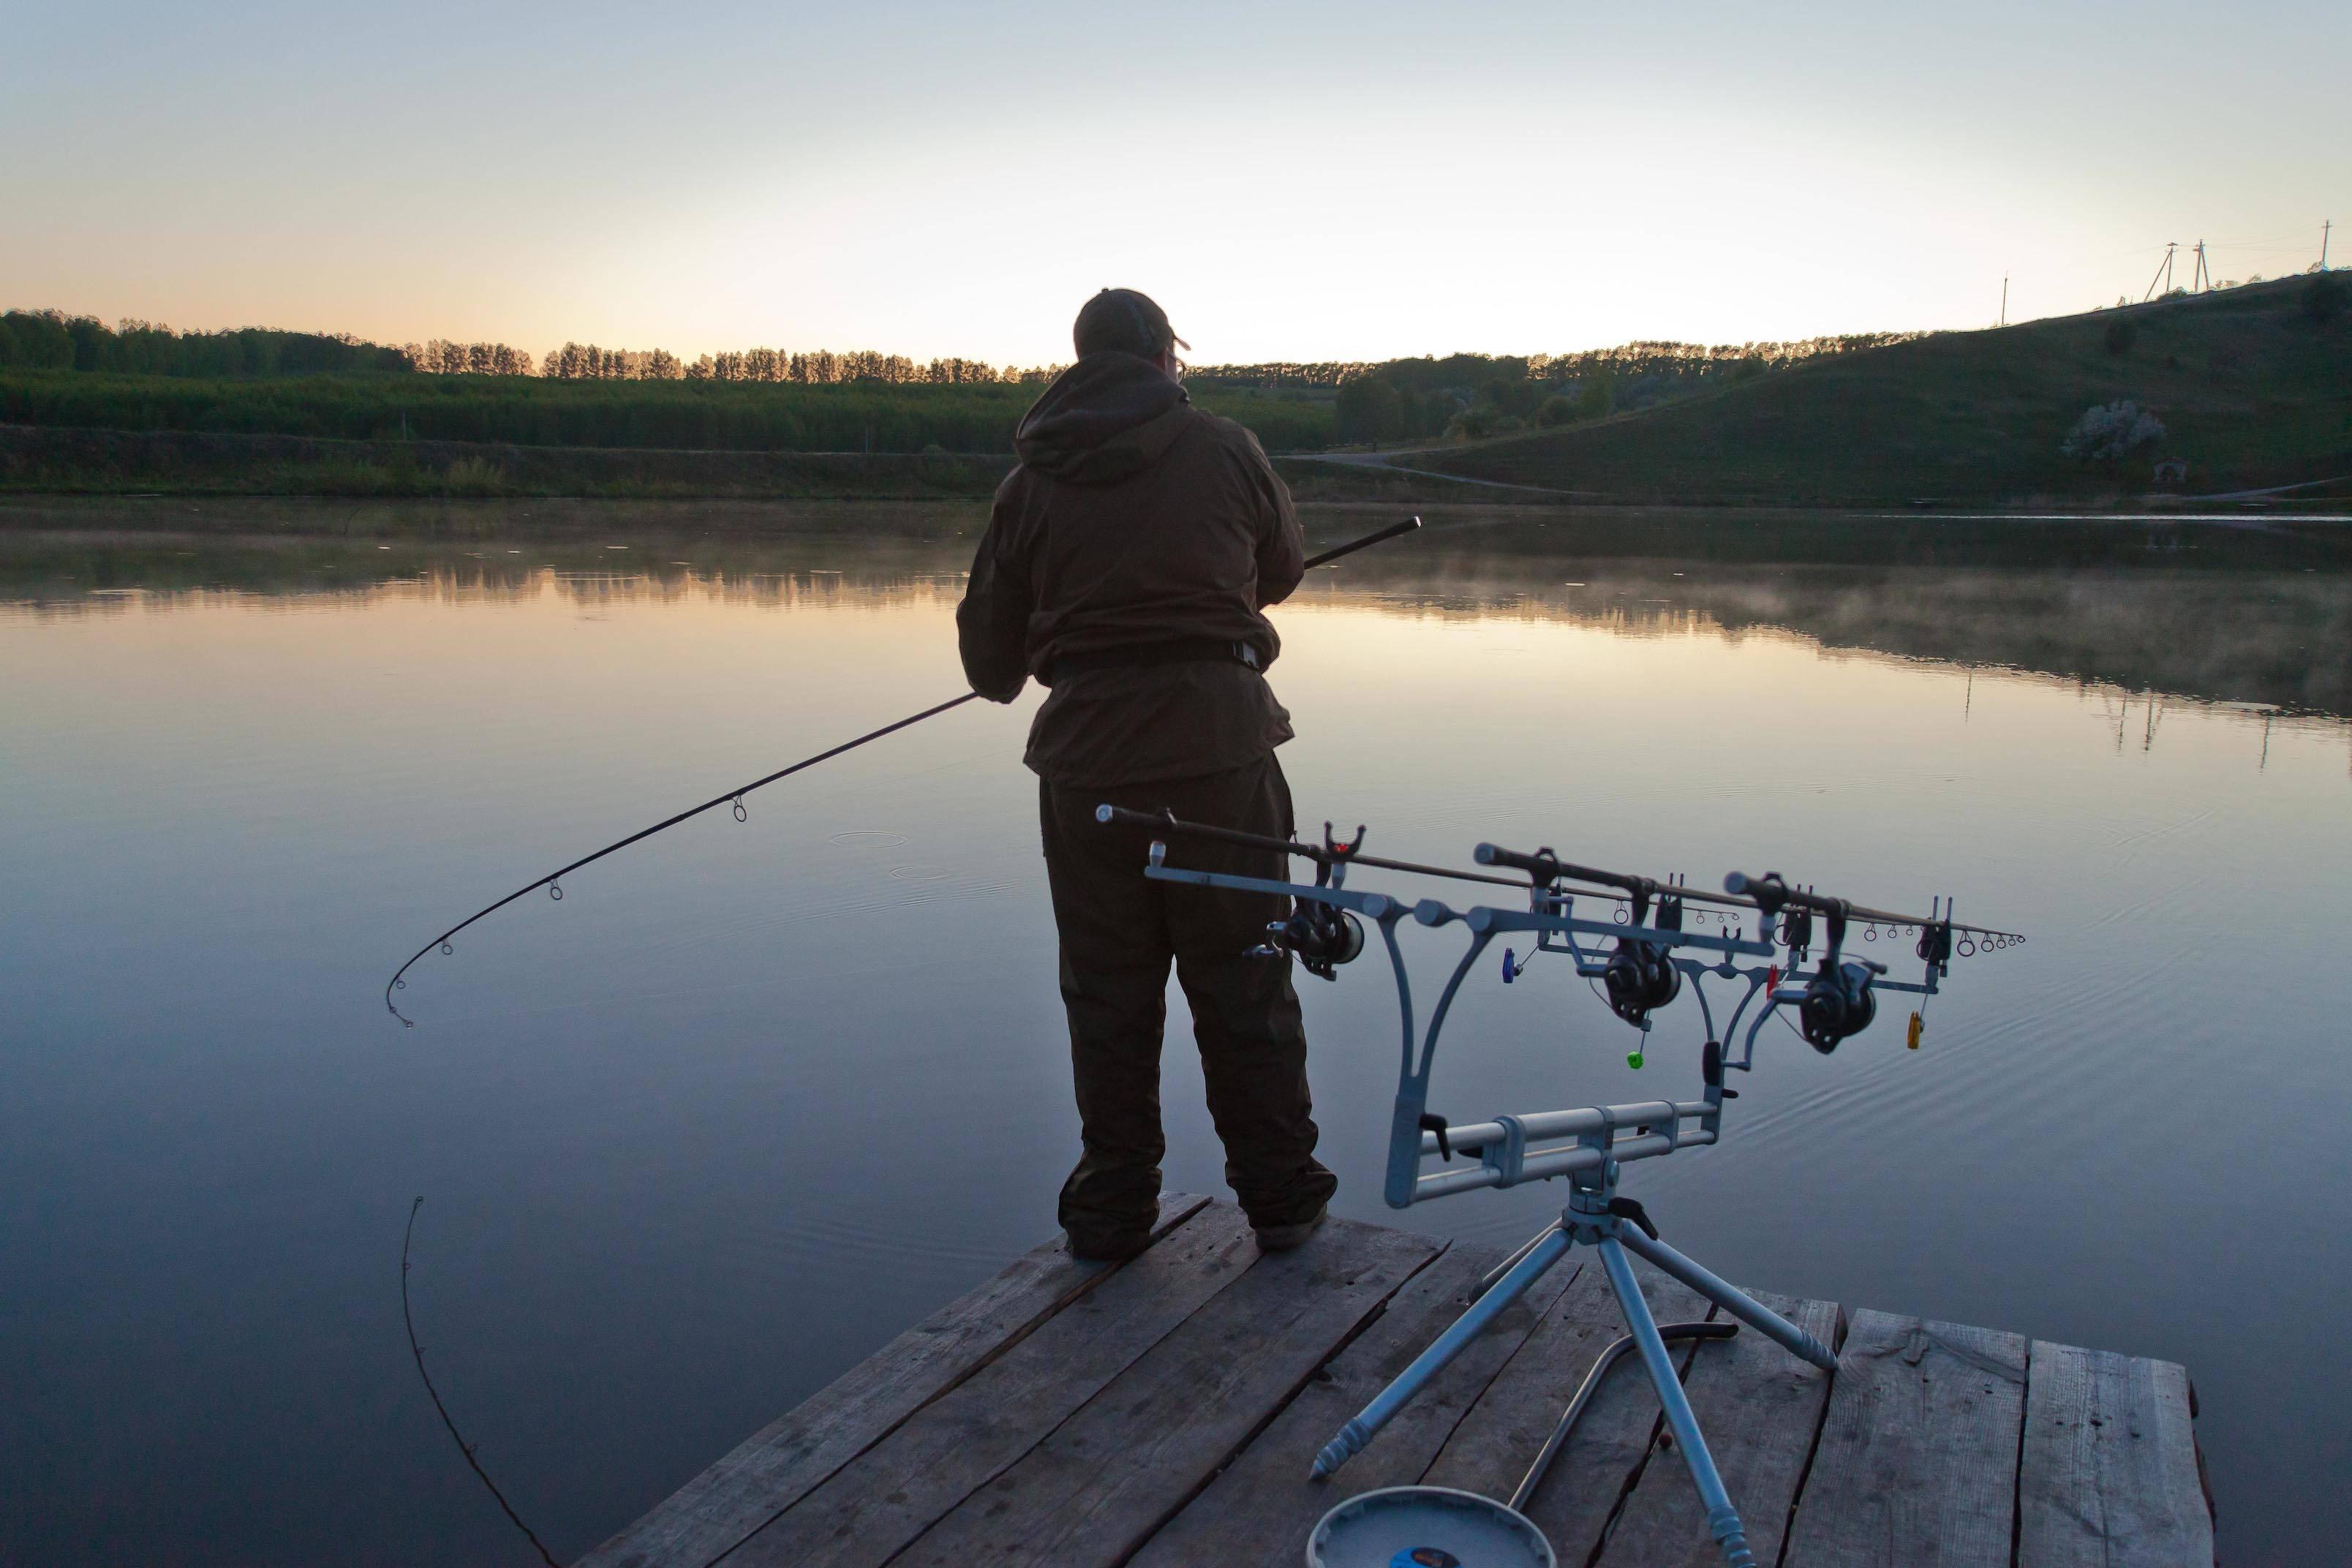 Рыбалка в тверской области 2020: рыбалка на волге, запрет, платная рыбалка